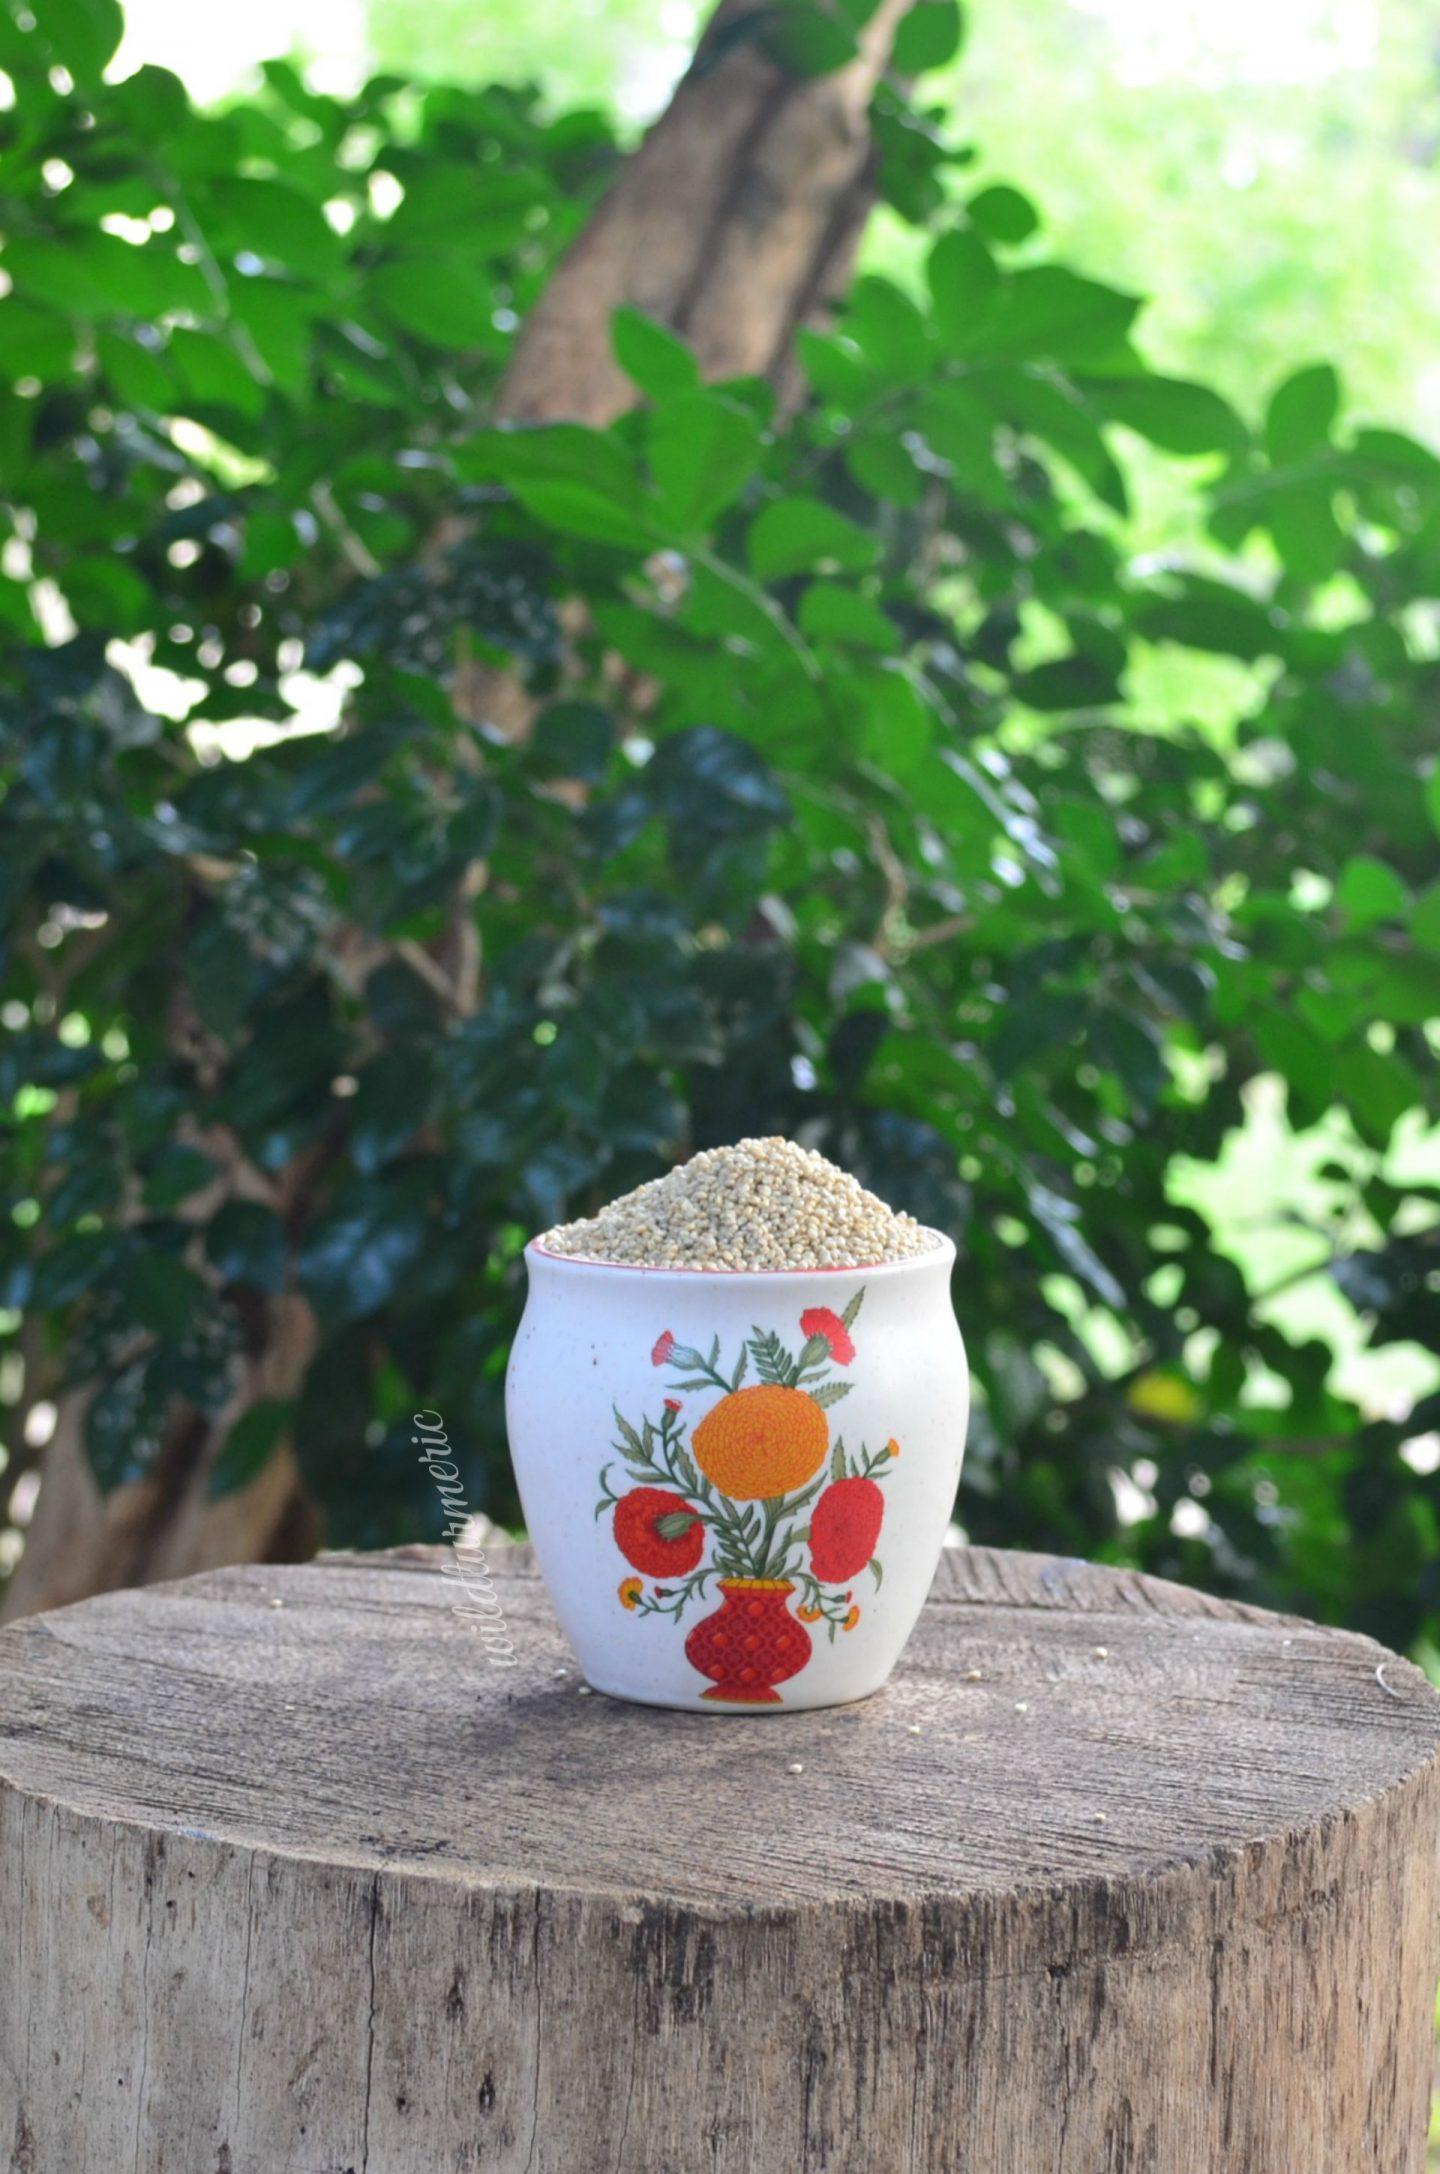 quinoa medicinal uses